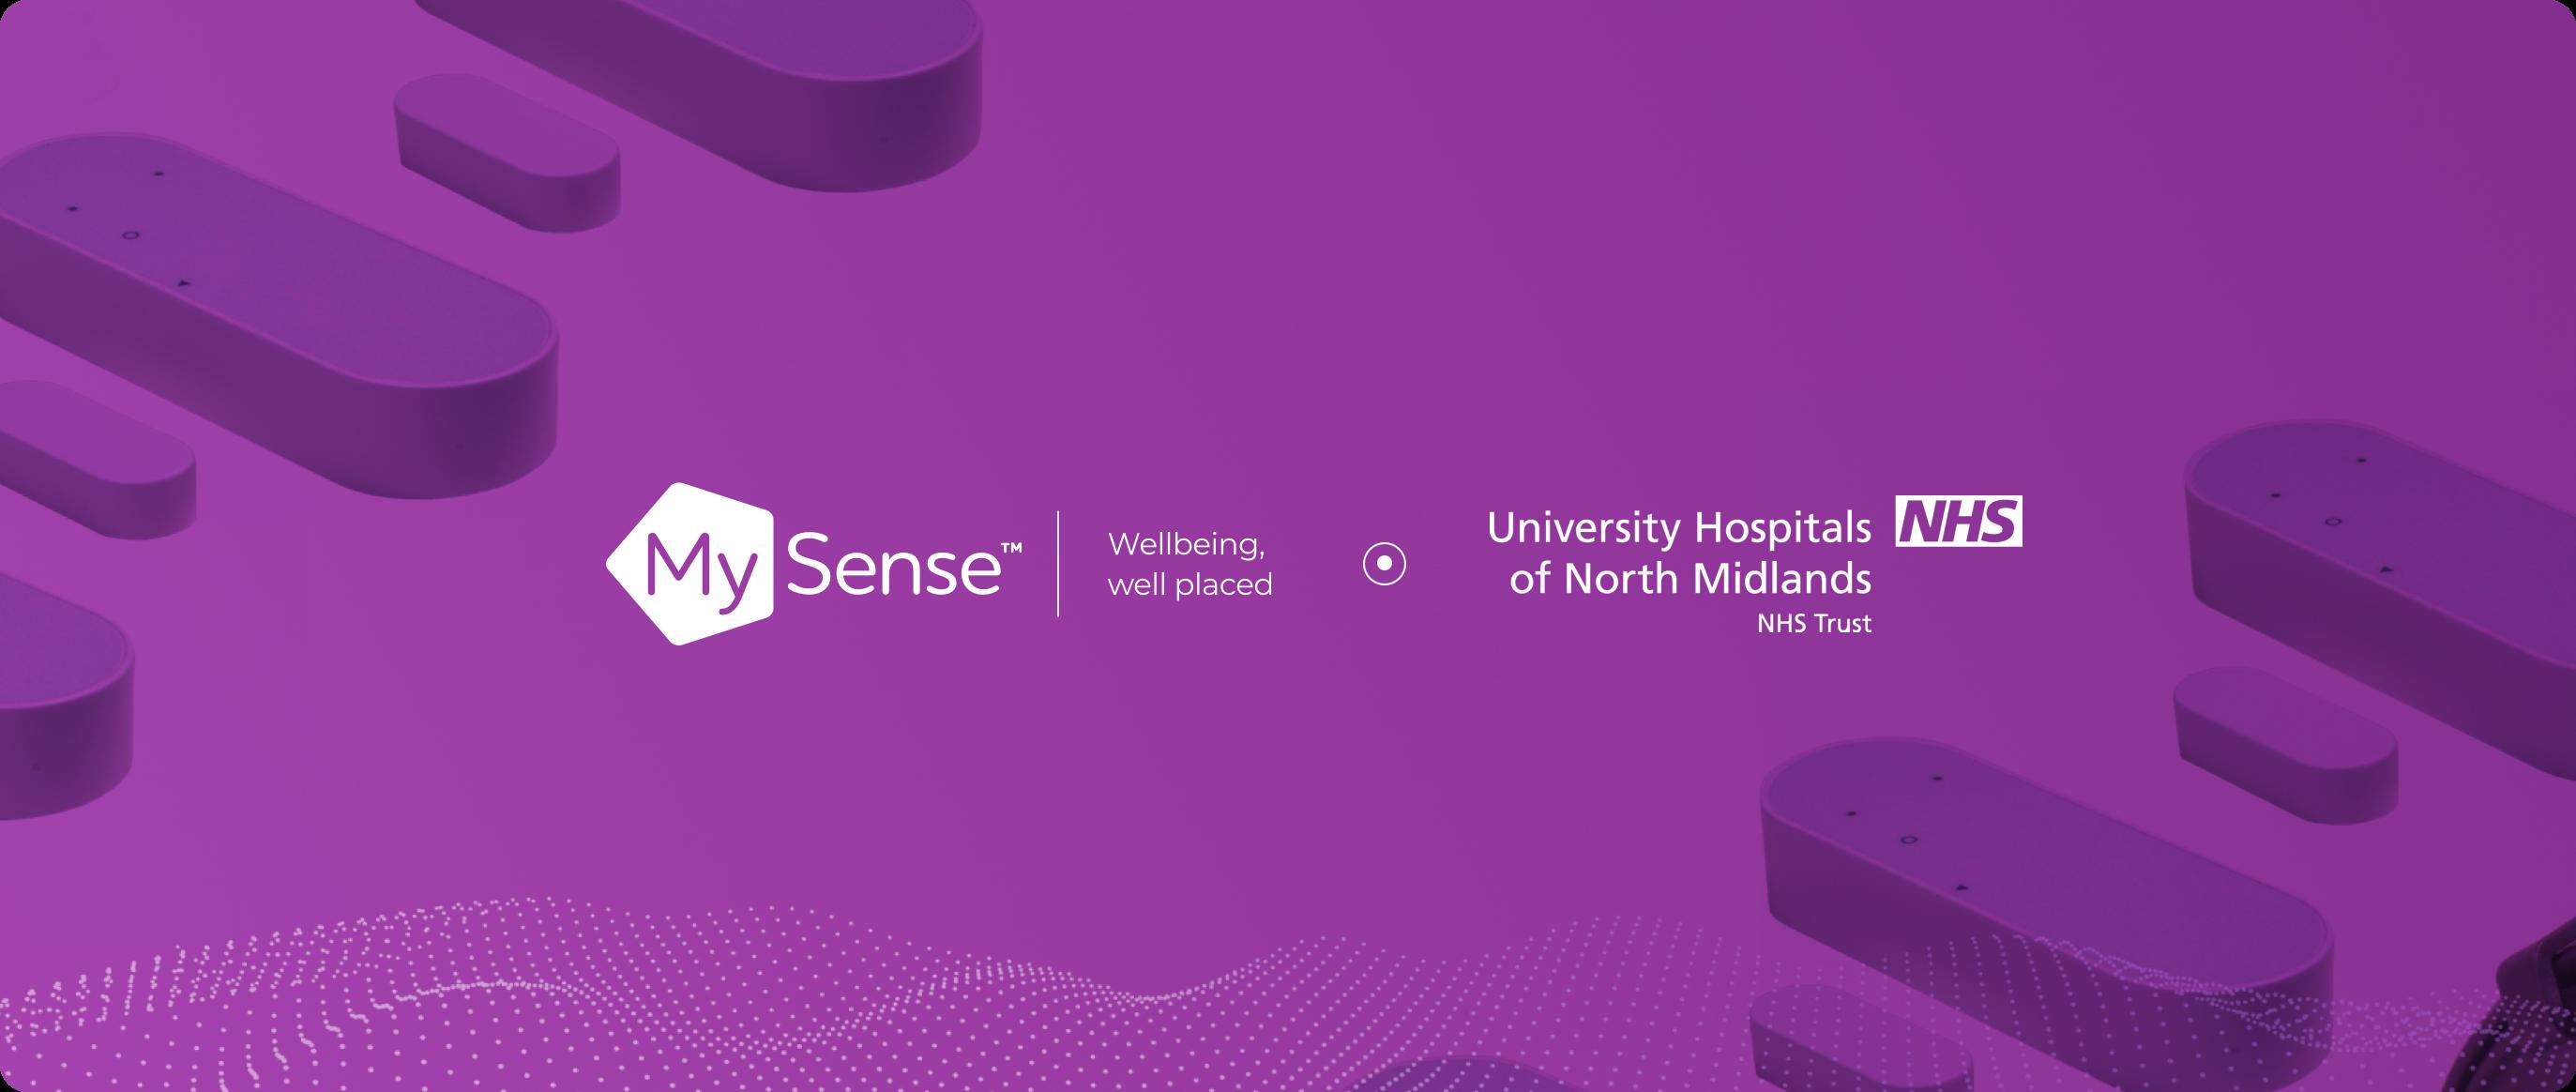 MySense and UHNM logos